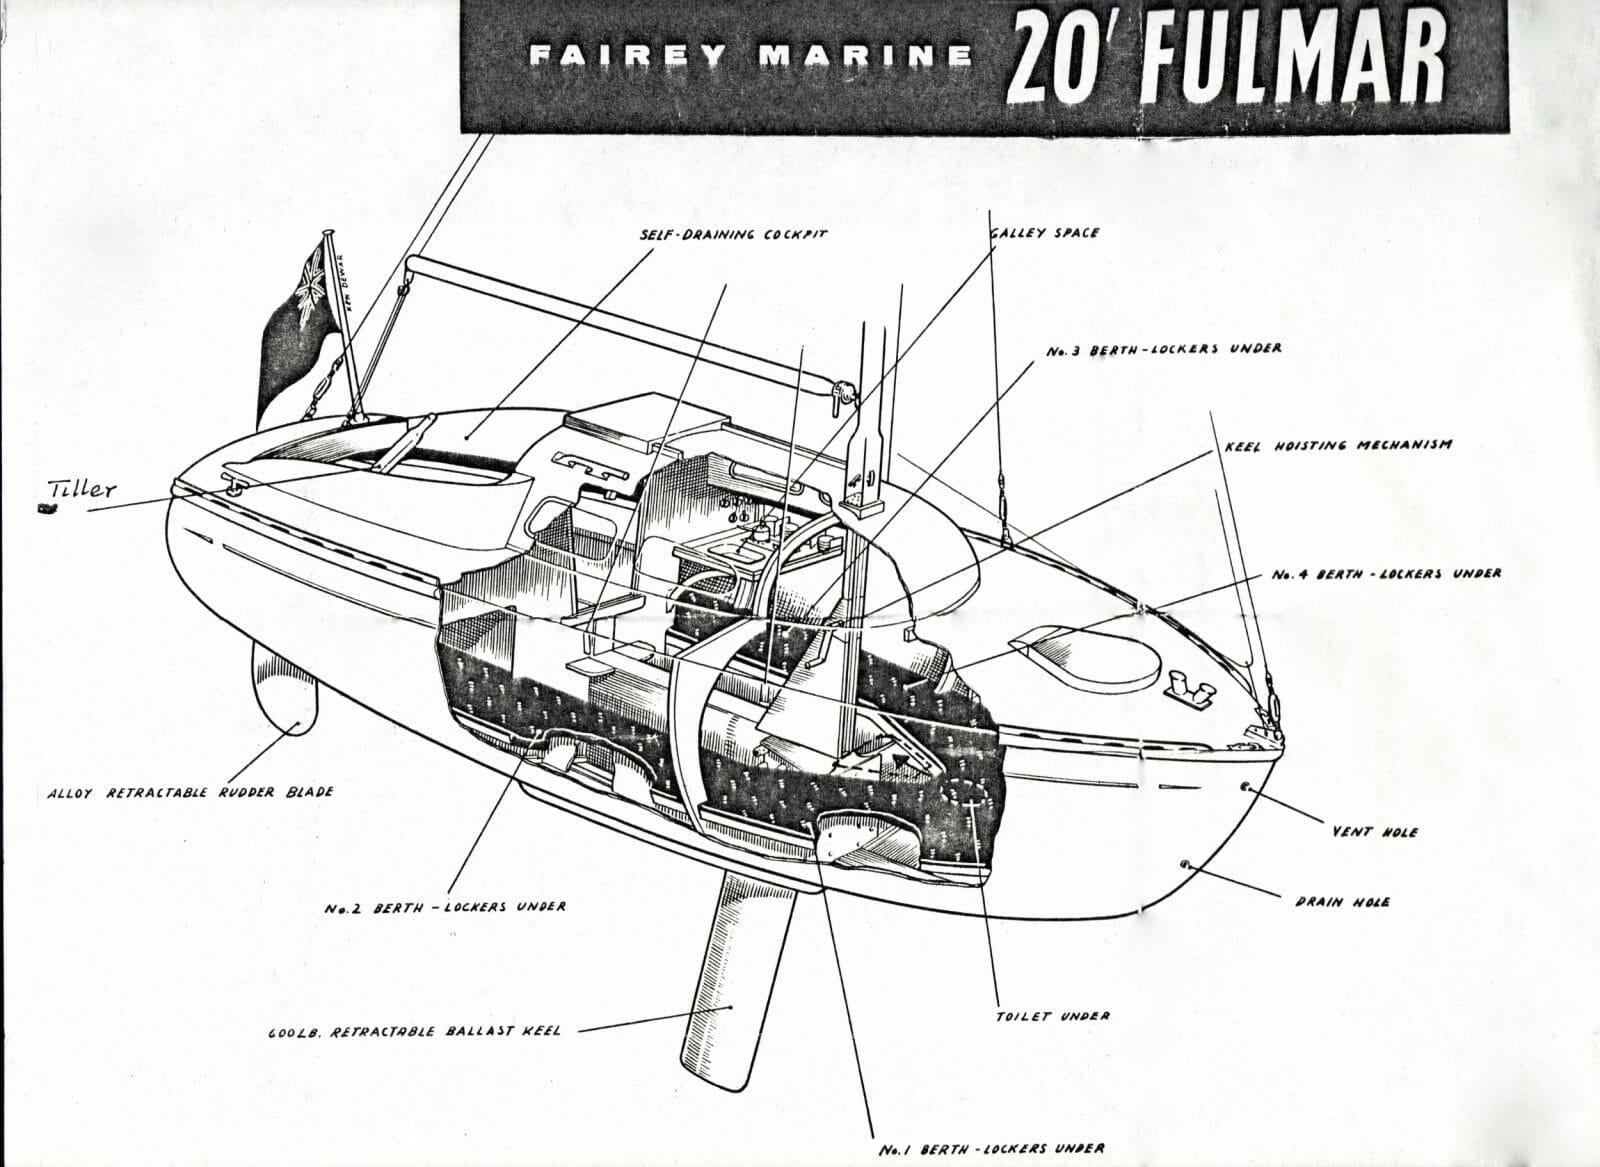 Fulmar Cutaway Drawing